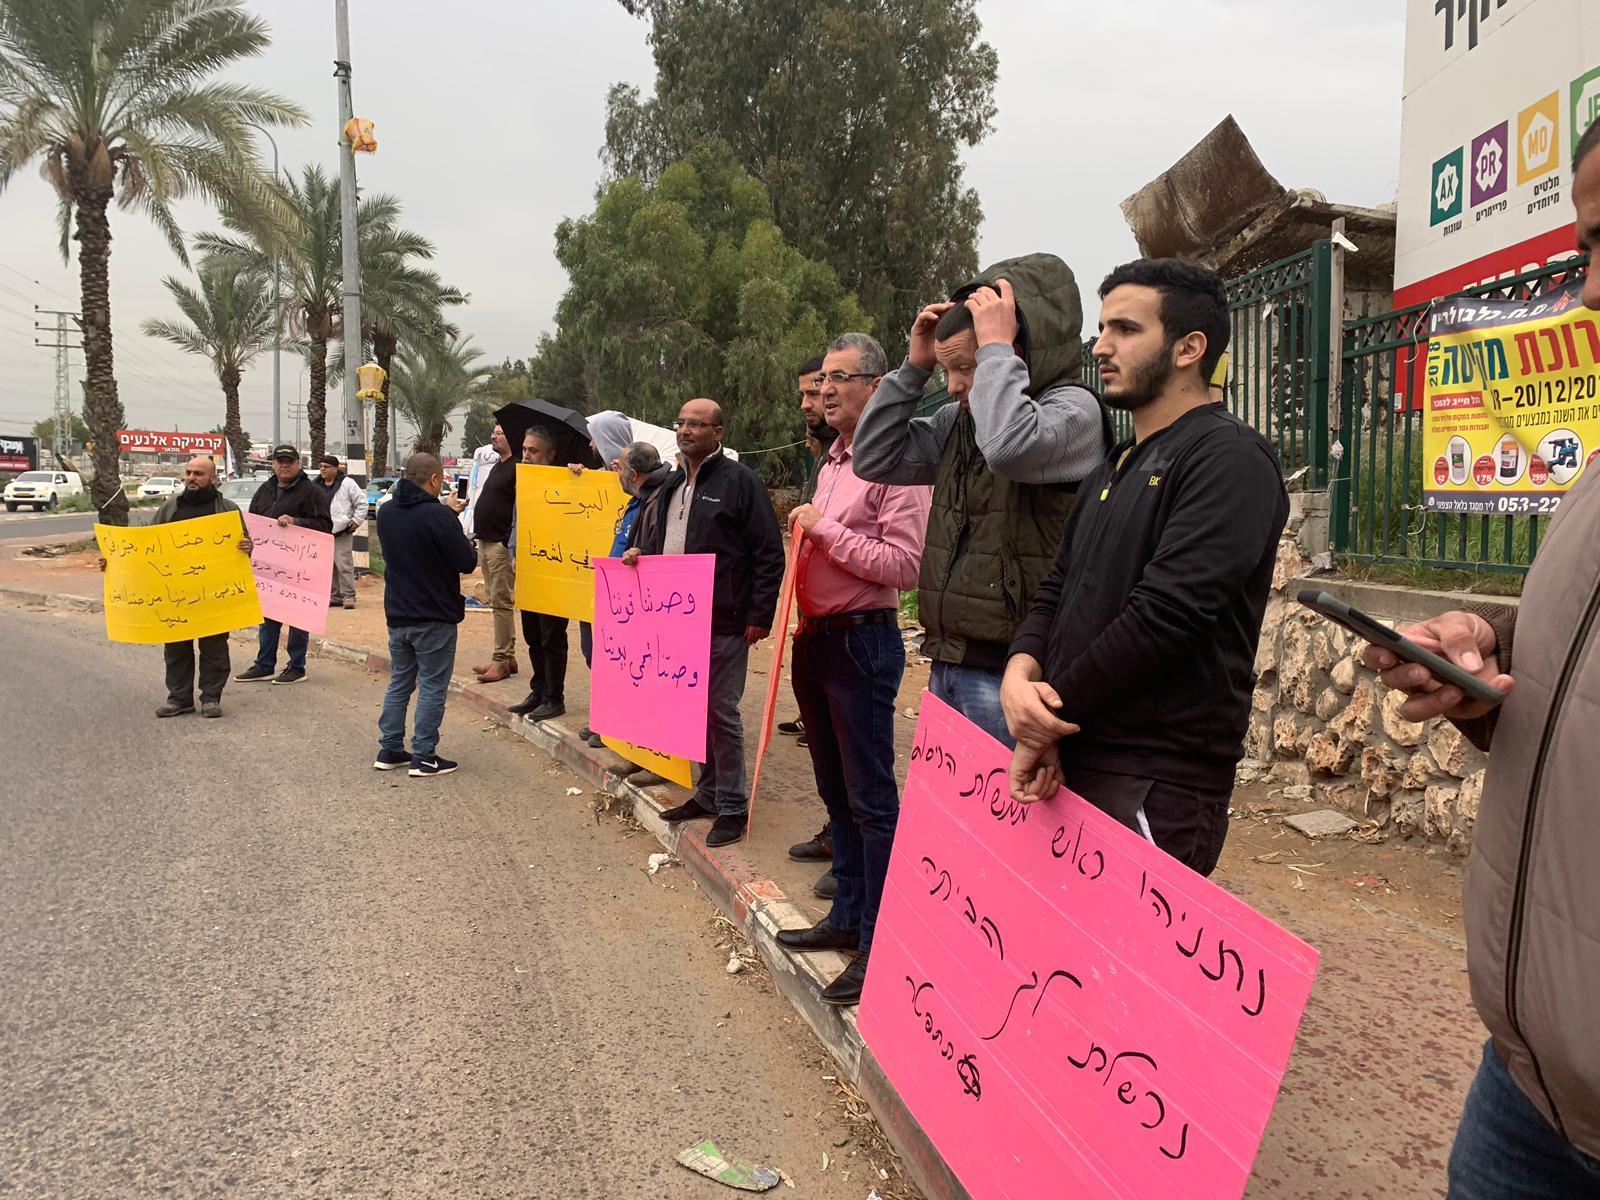 قلنسوة: استمرار التظاهر احتجاجا على هدم المنازل